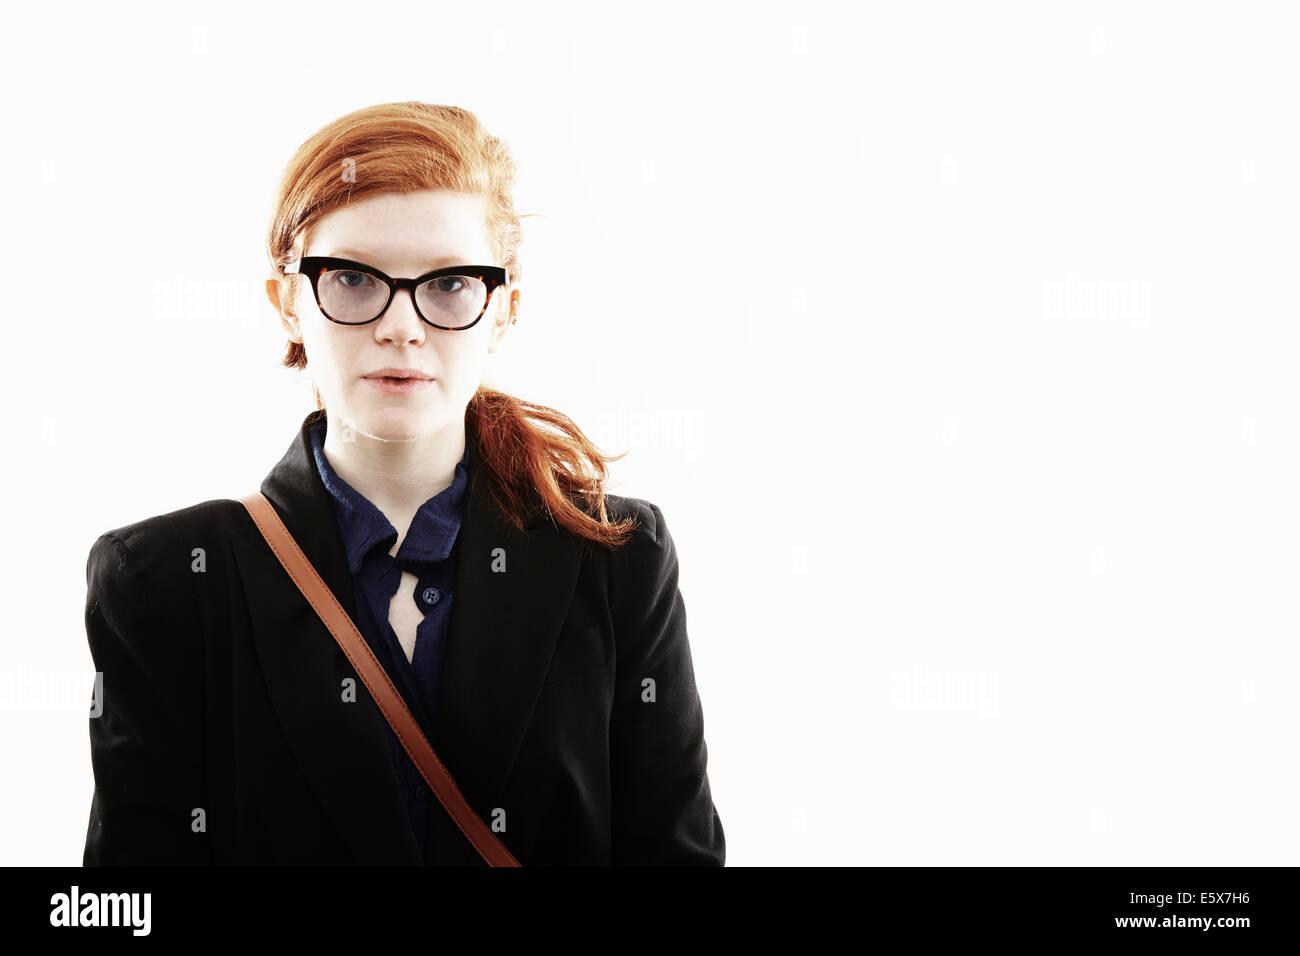 Studio Ritratto di giovane donna con occhiali e vuota espressione Immagini Stock